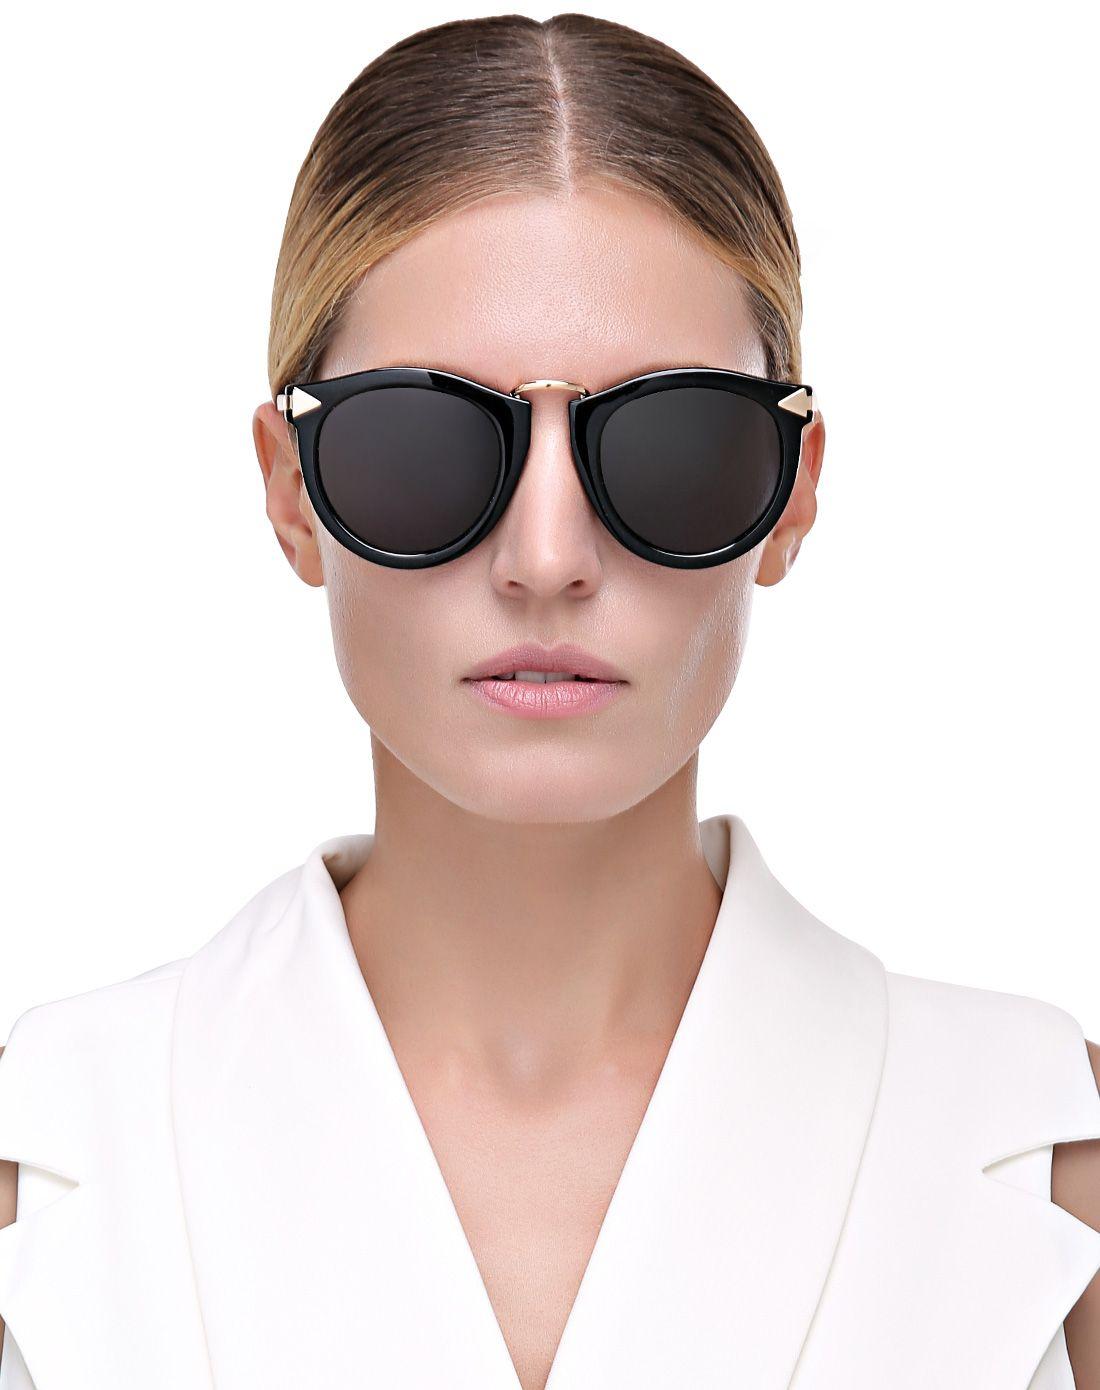 帕森parzin眼镜专场复古圆框箭头偏光太阳镜923101